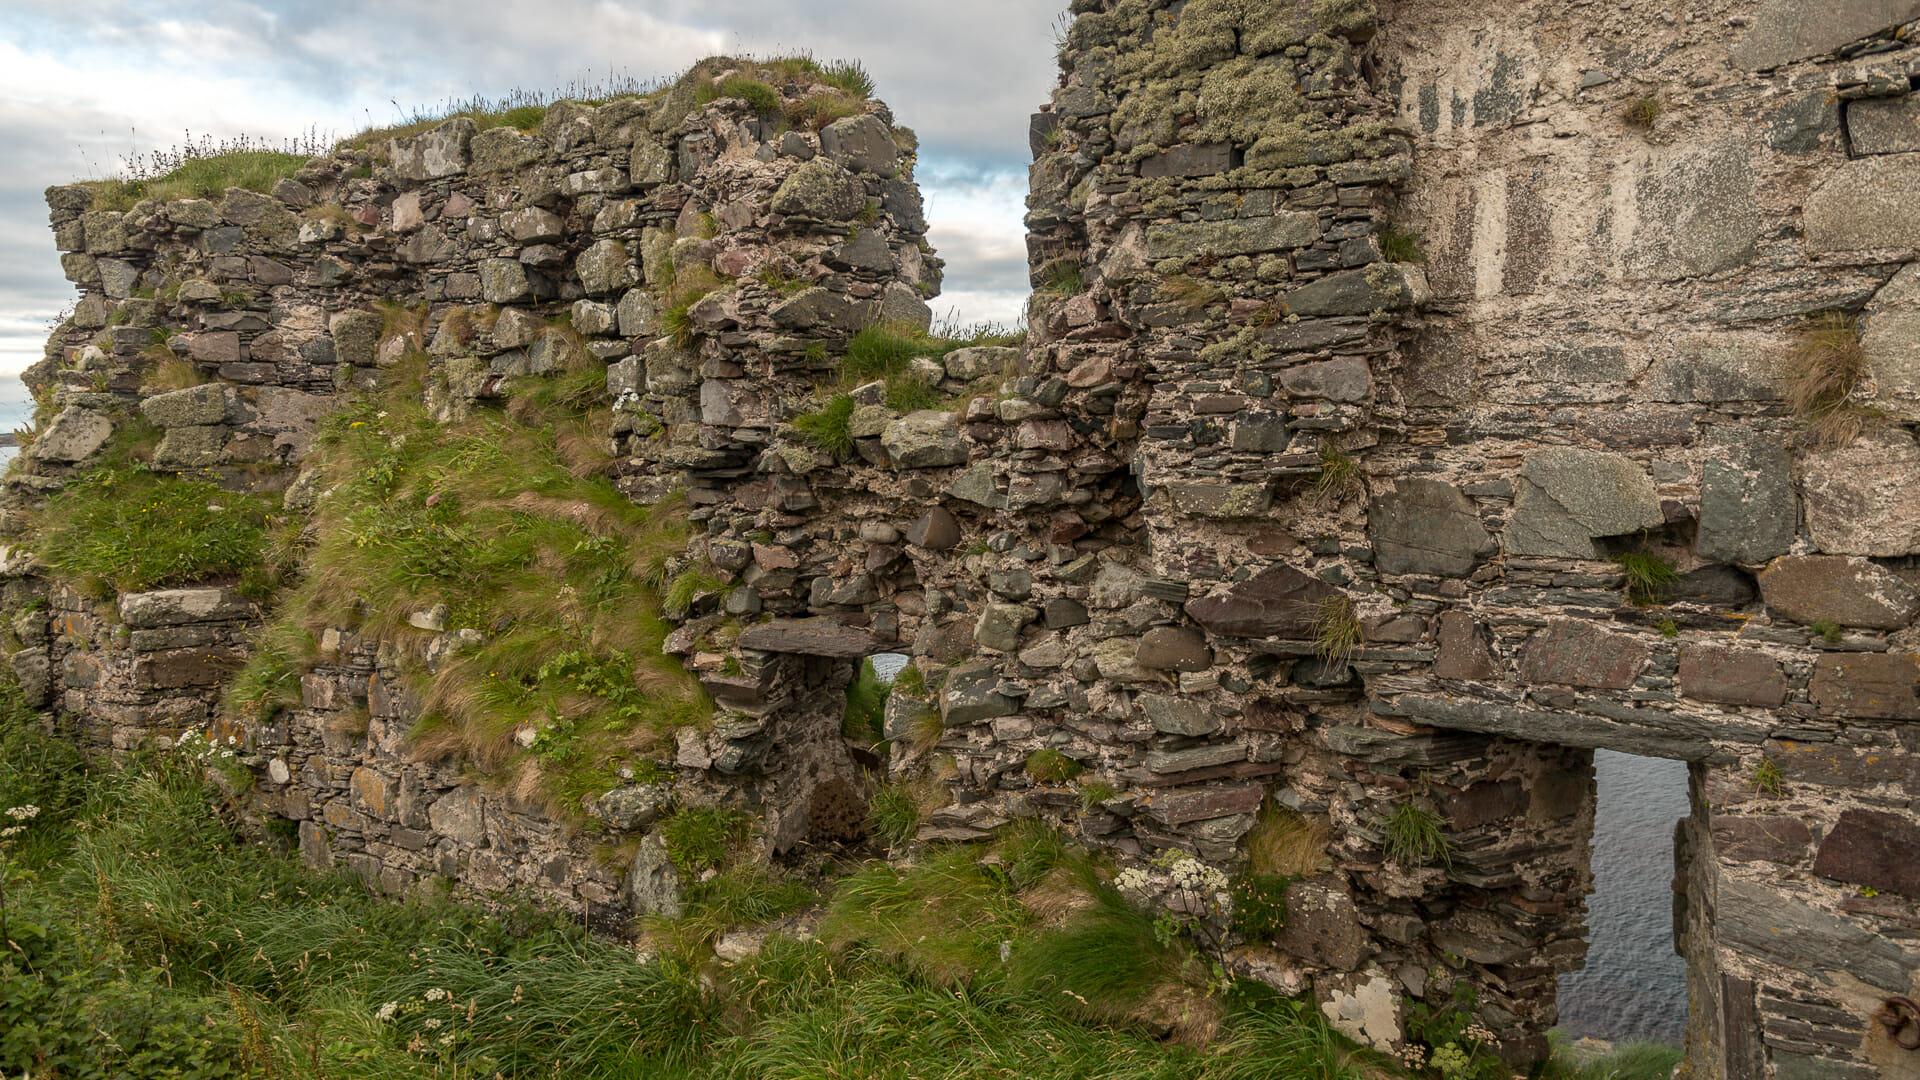 Alte Burgmauern von Dunyvaig